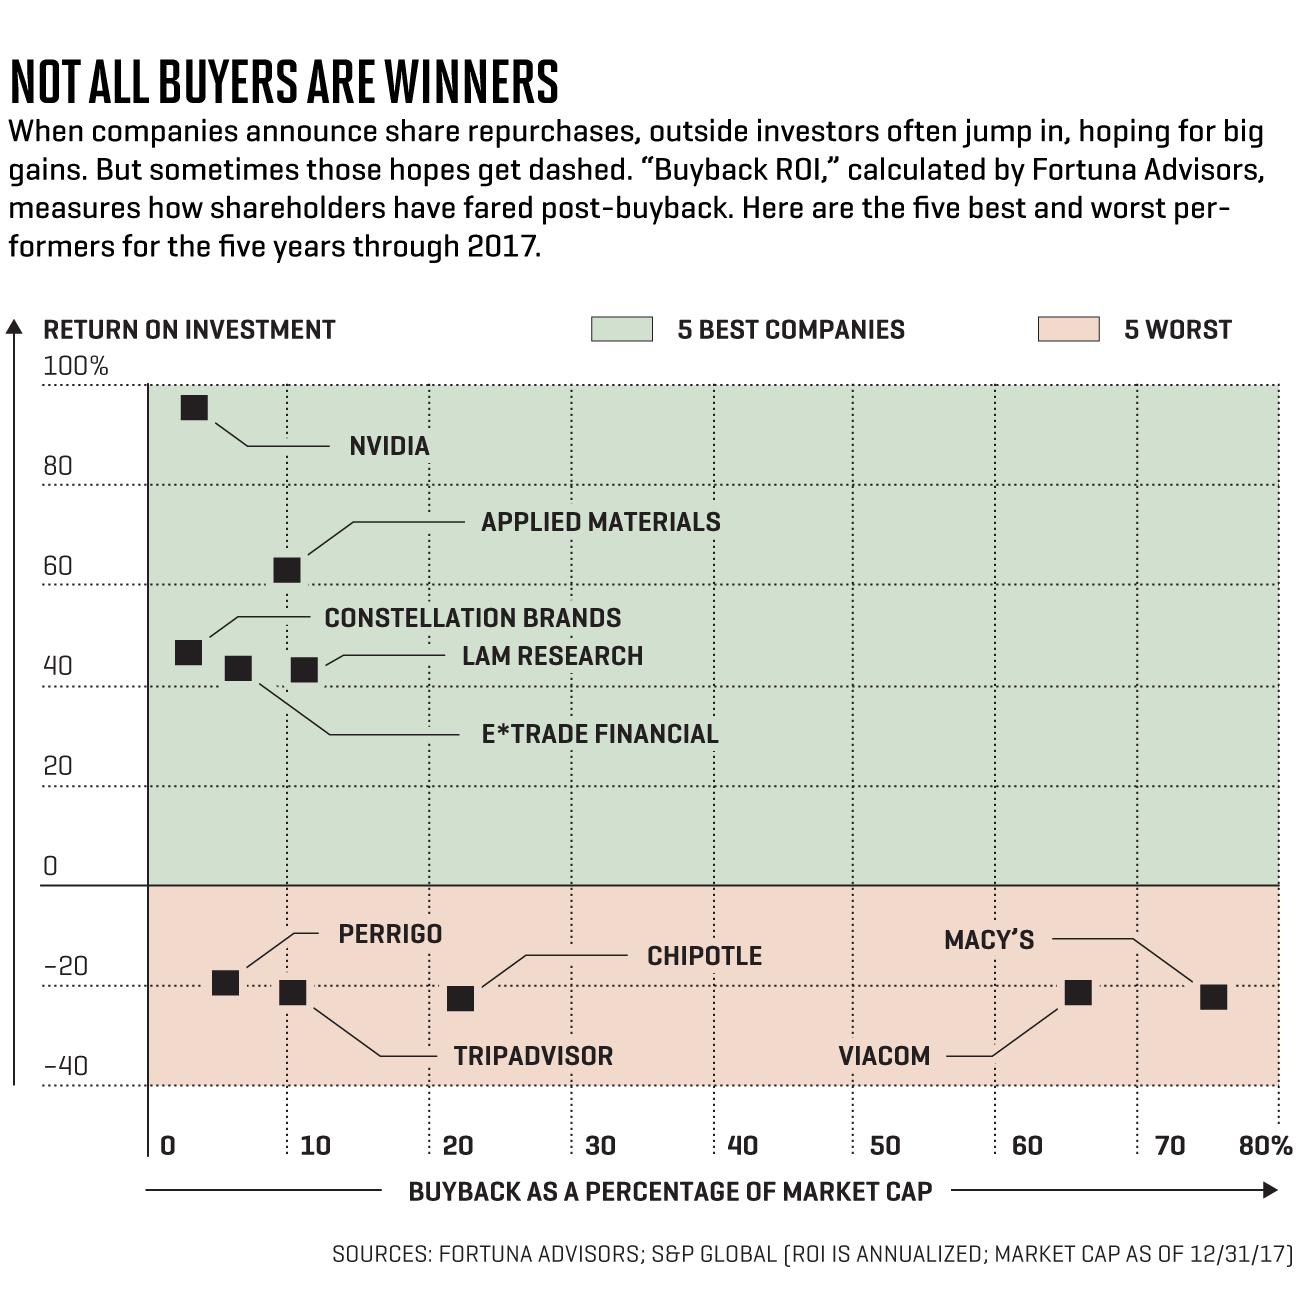 Why Stock Market Buybacks Should Make Investors Nervous